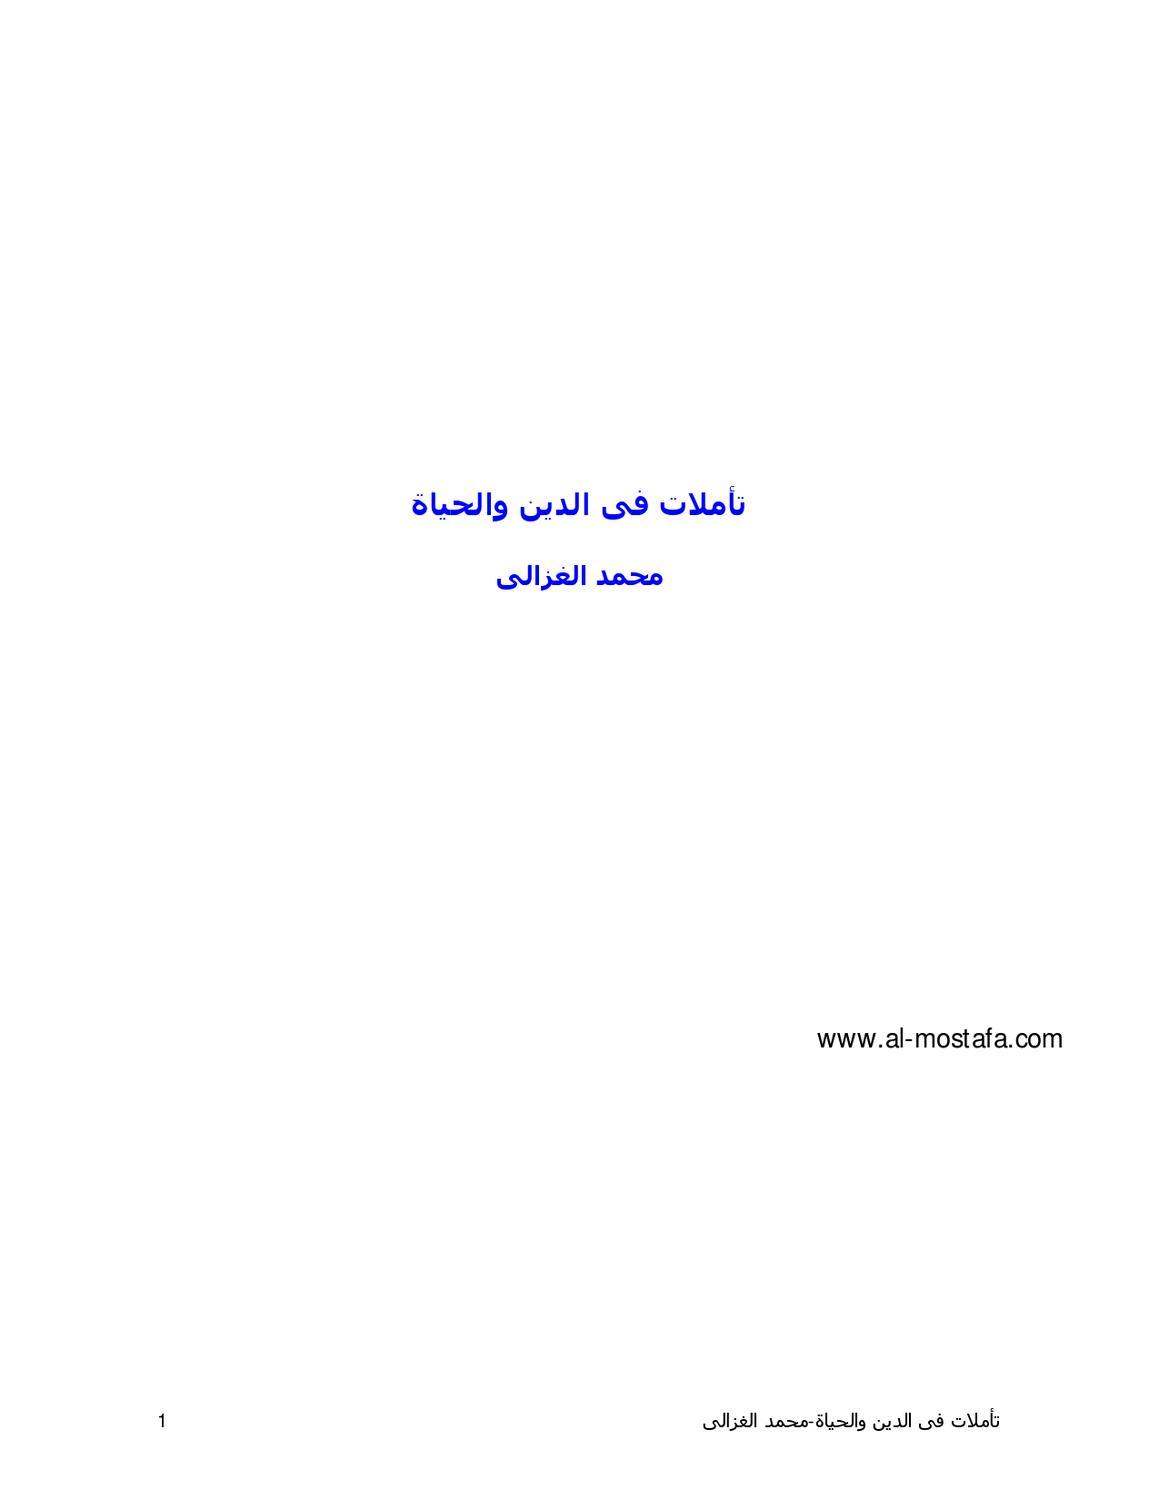 2164575b53a86 001031-www.al-mostafa.com by Elsayed Fayed - issuu